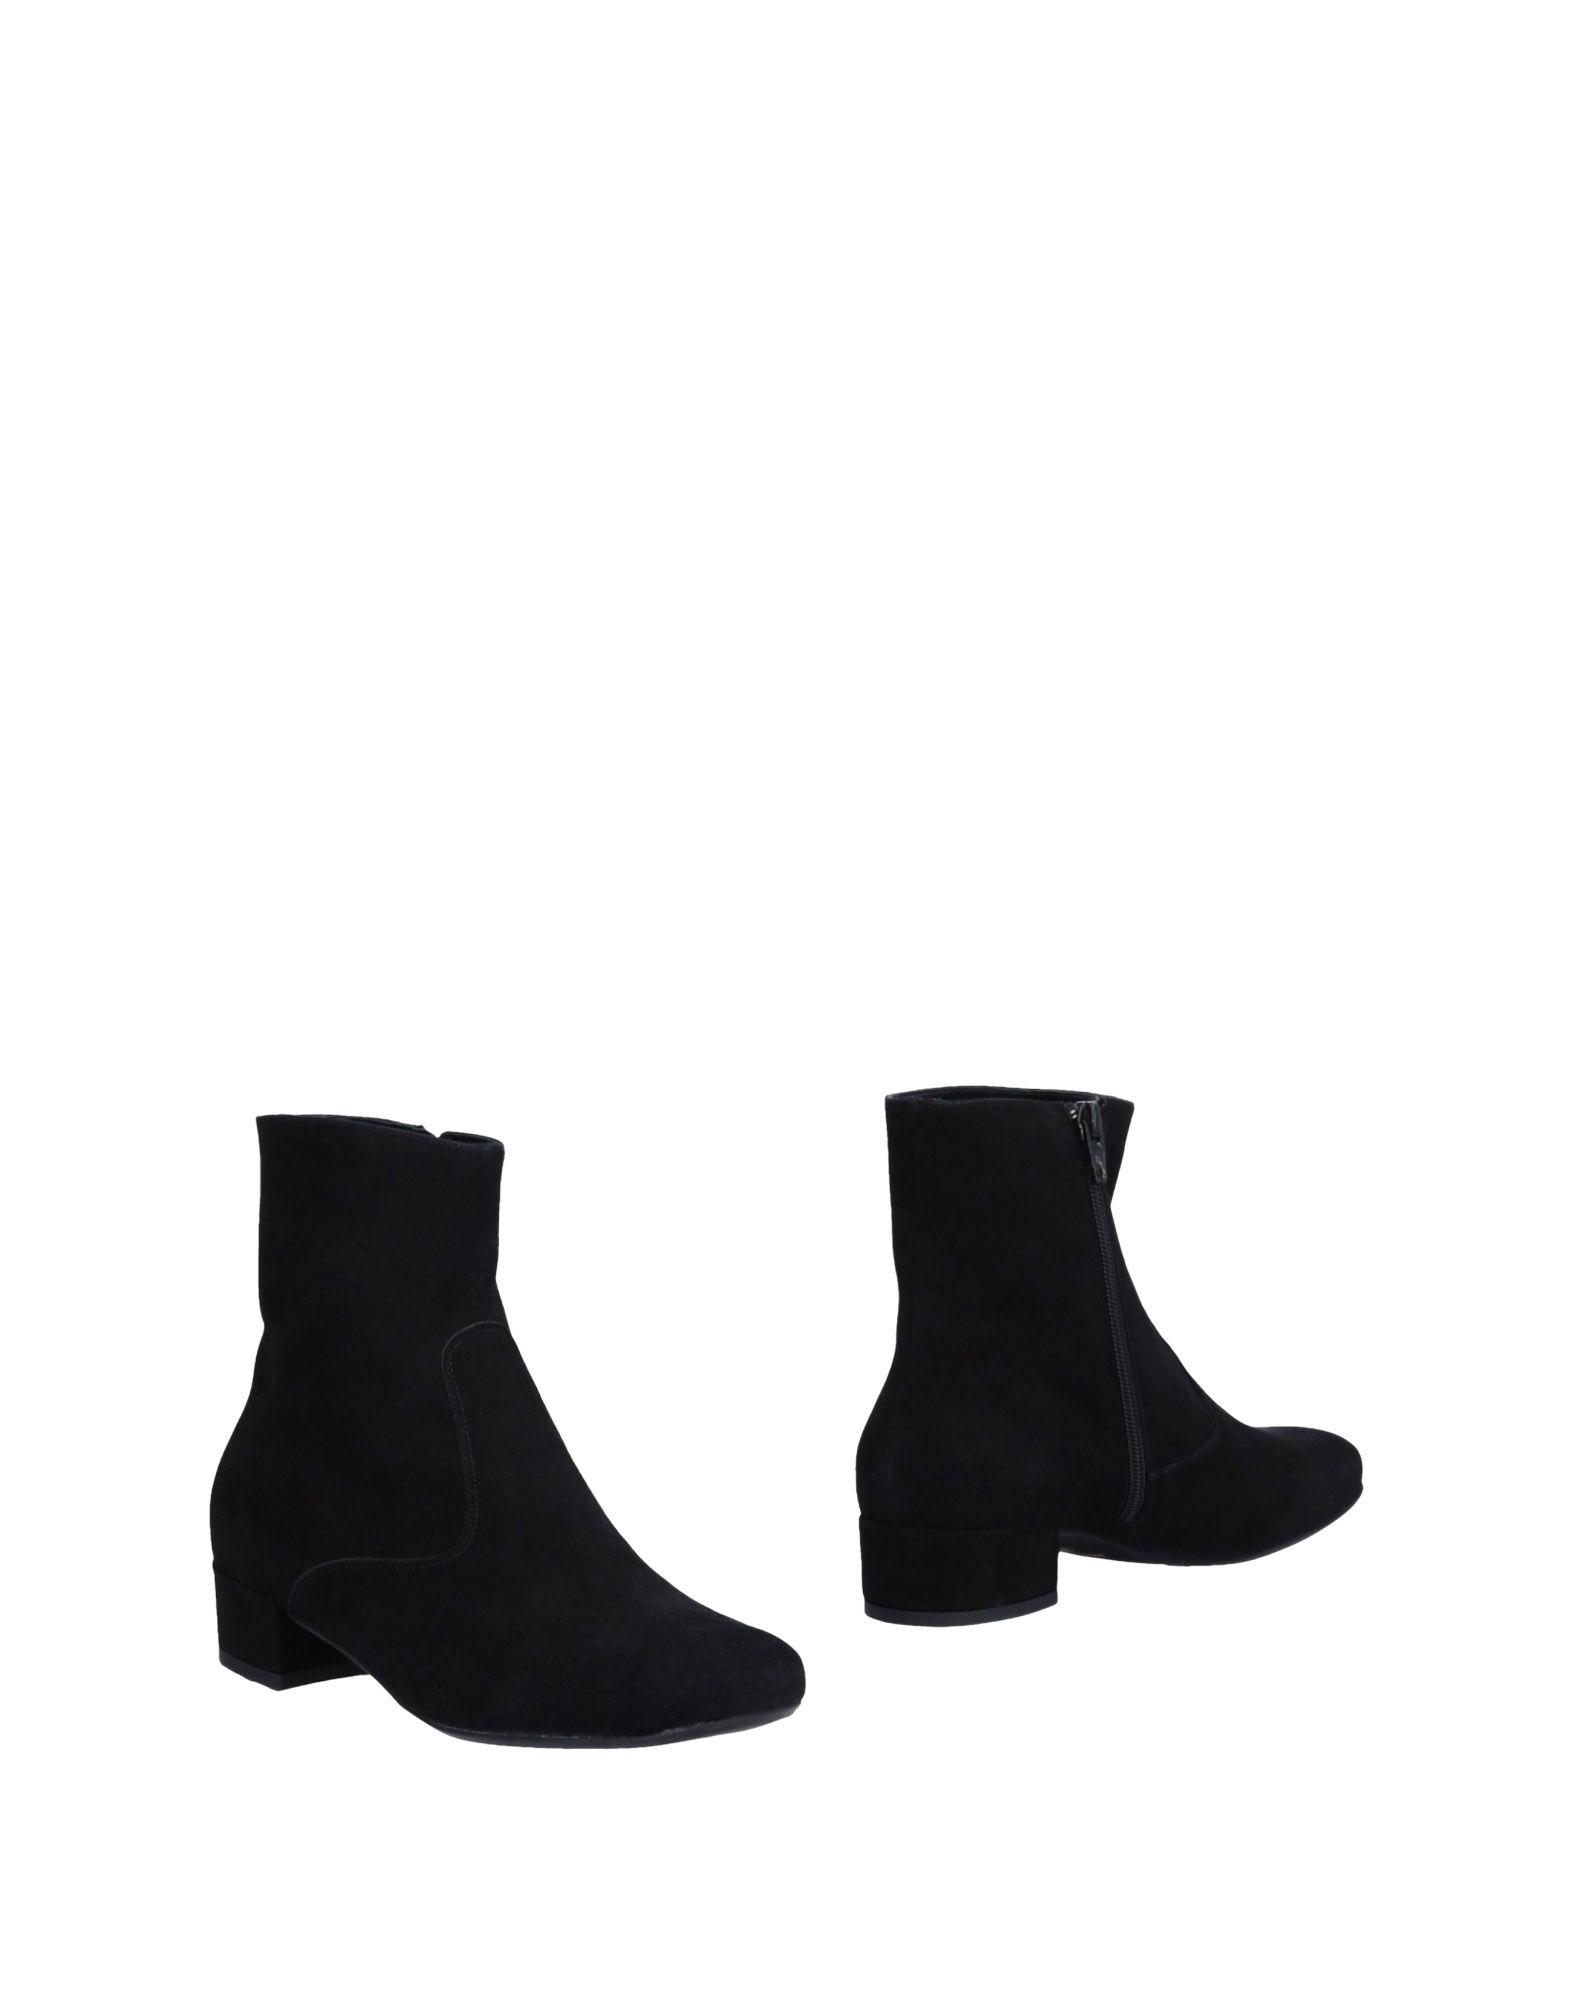 Stilvolle billige Schuhe Guglielmo Rotta Stiefelette Damen  11487182OB 11487182OB 11487182OB 3d88bc